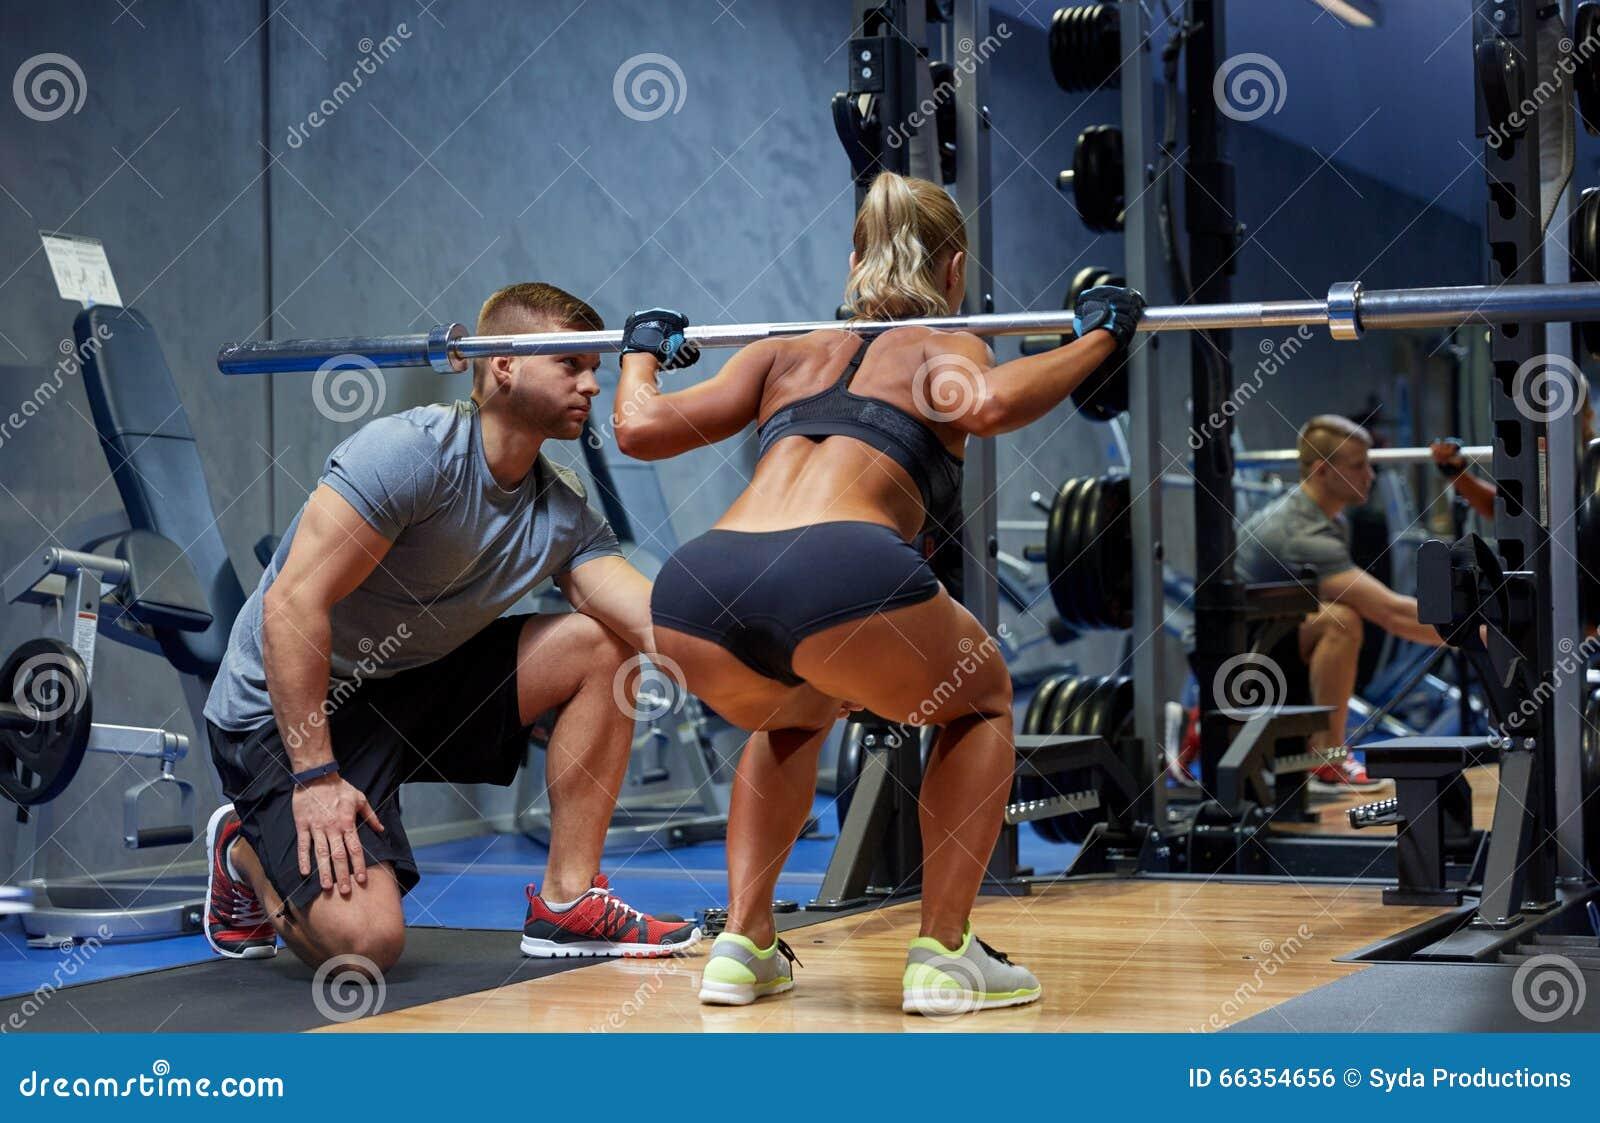 Mężczyzna i kobieta z barem napina mięśnie w gym